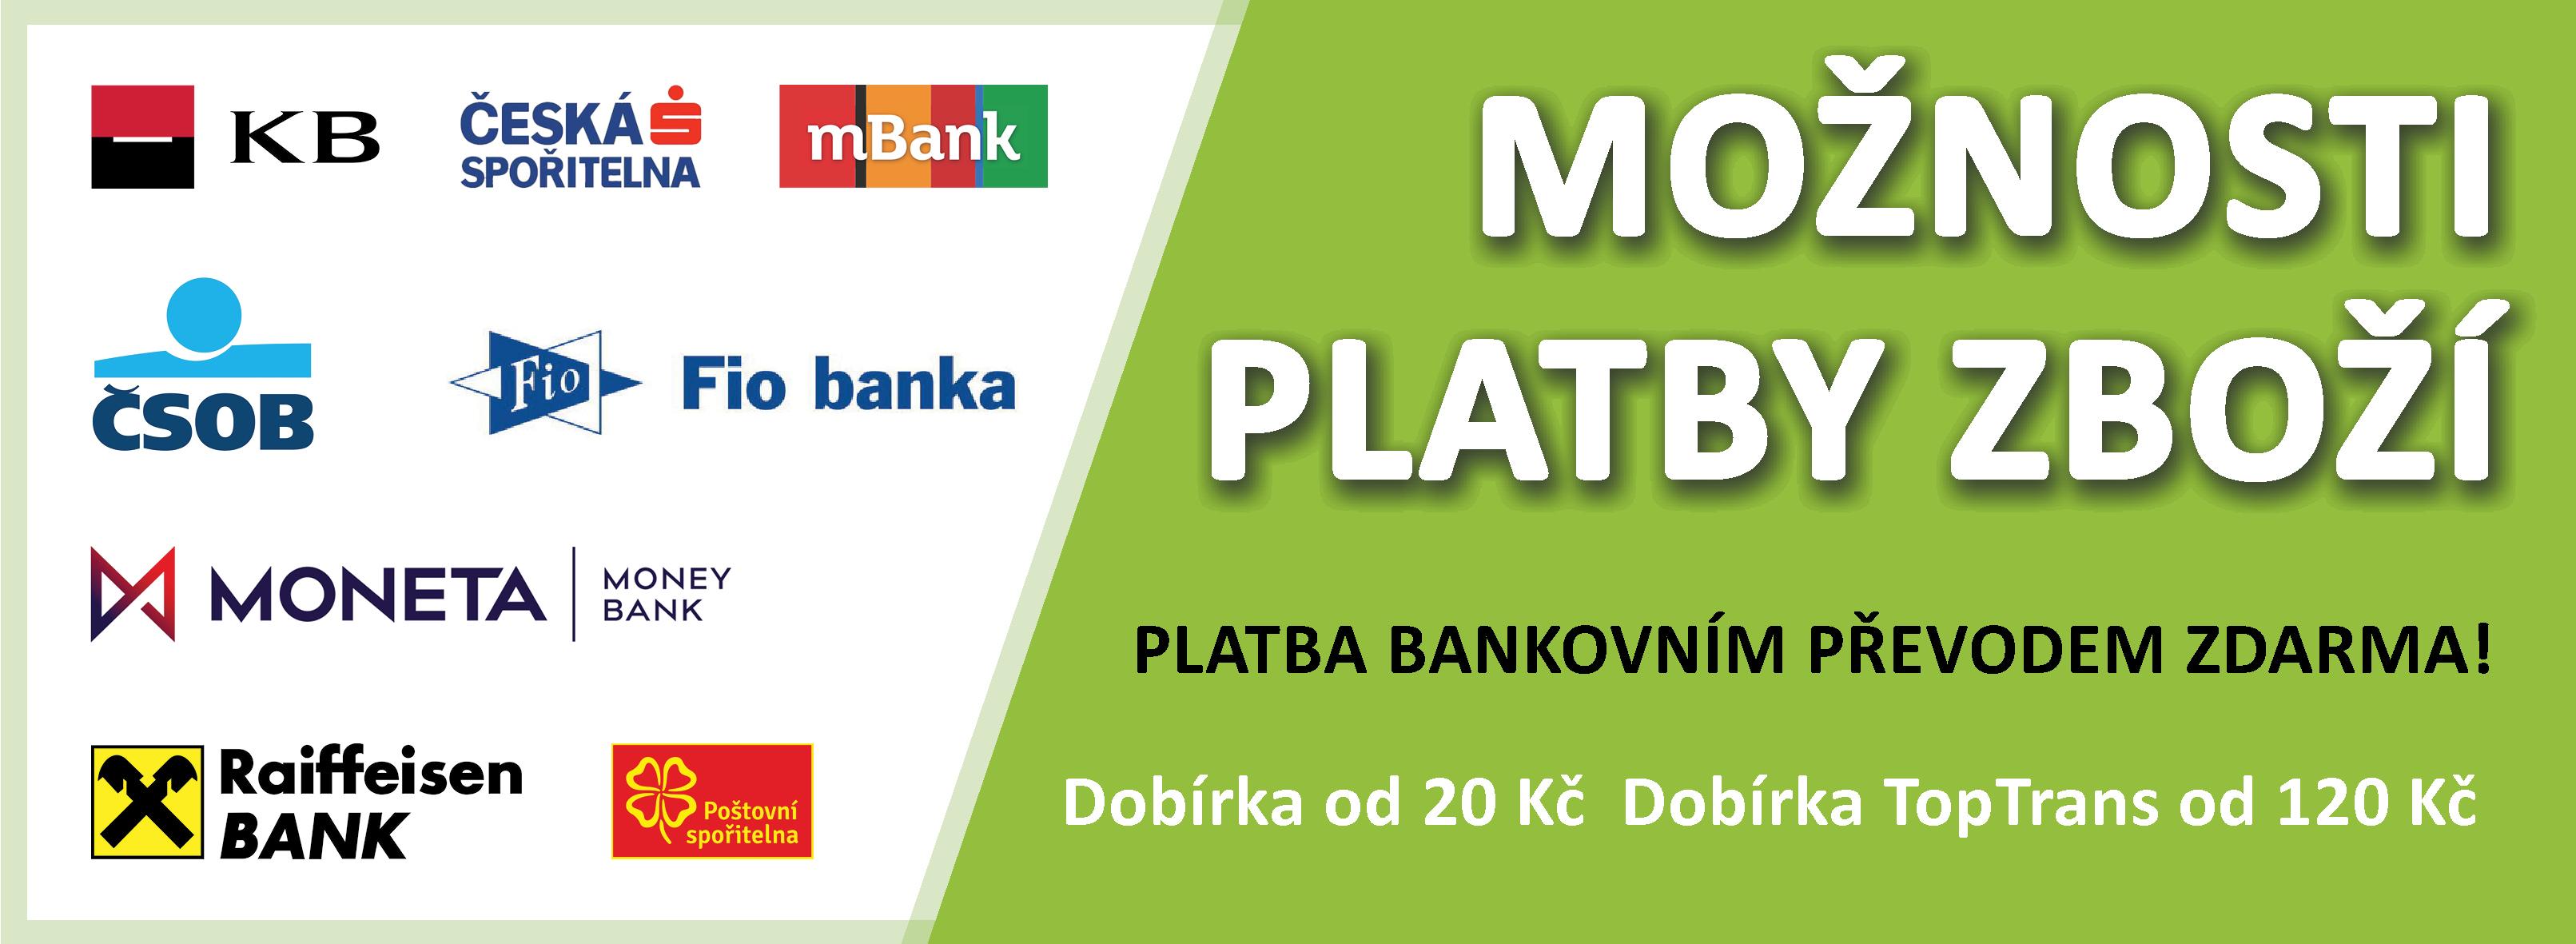 1pohony.cz - možnosti platby zboží